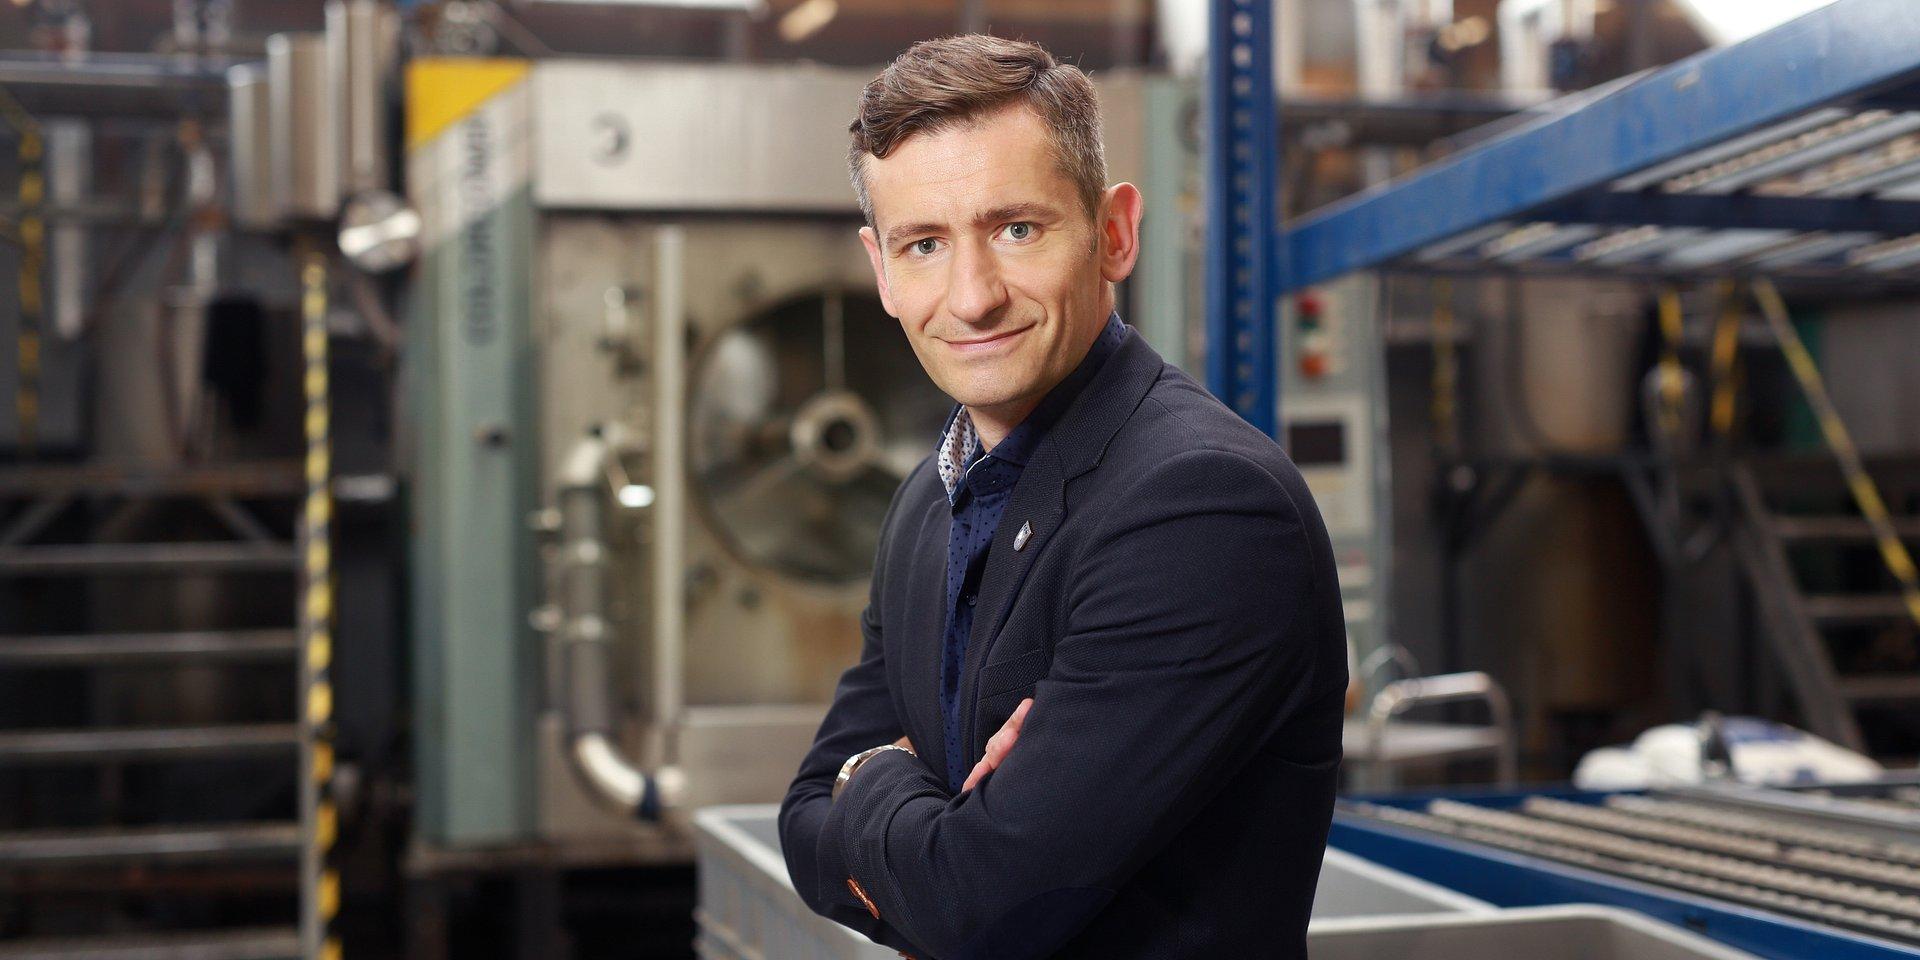 Rusza nabór wniosków o premię technologiczną - miliony na innowacje dla MŚP